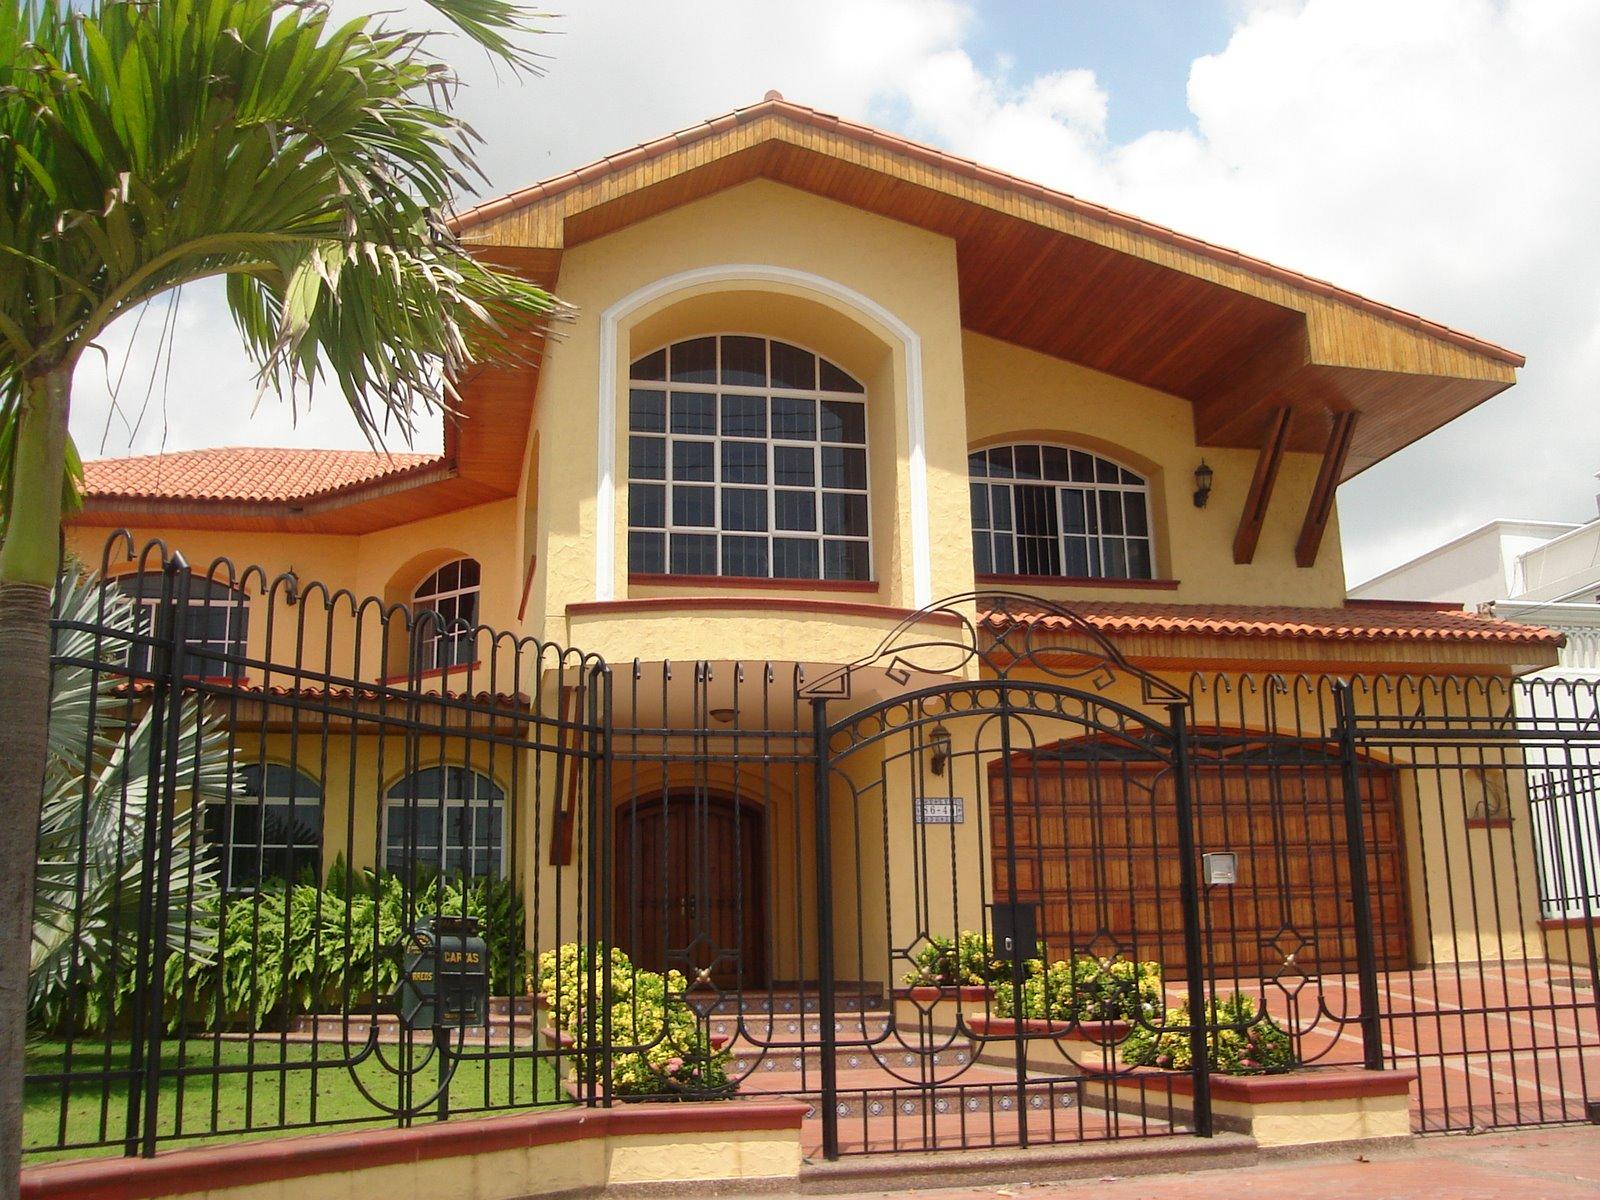 Fumigaciones casa habitaci n fumigaciones en guadalajara for Pisos para fachadas de casas